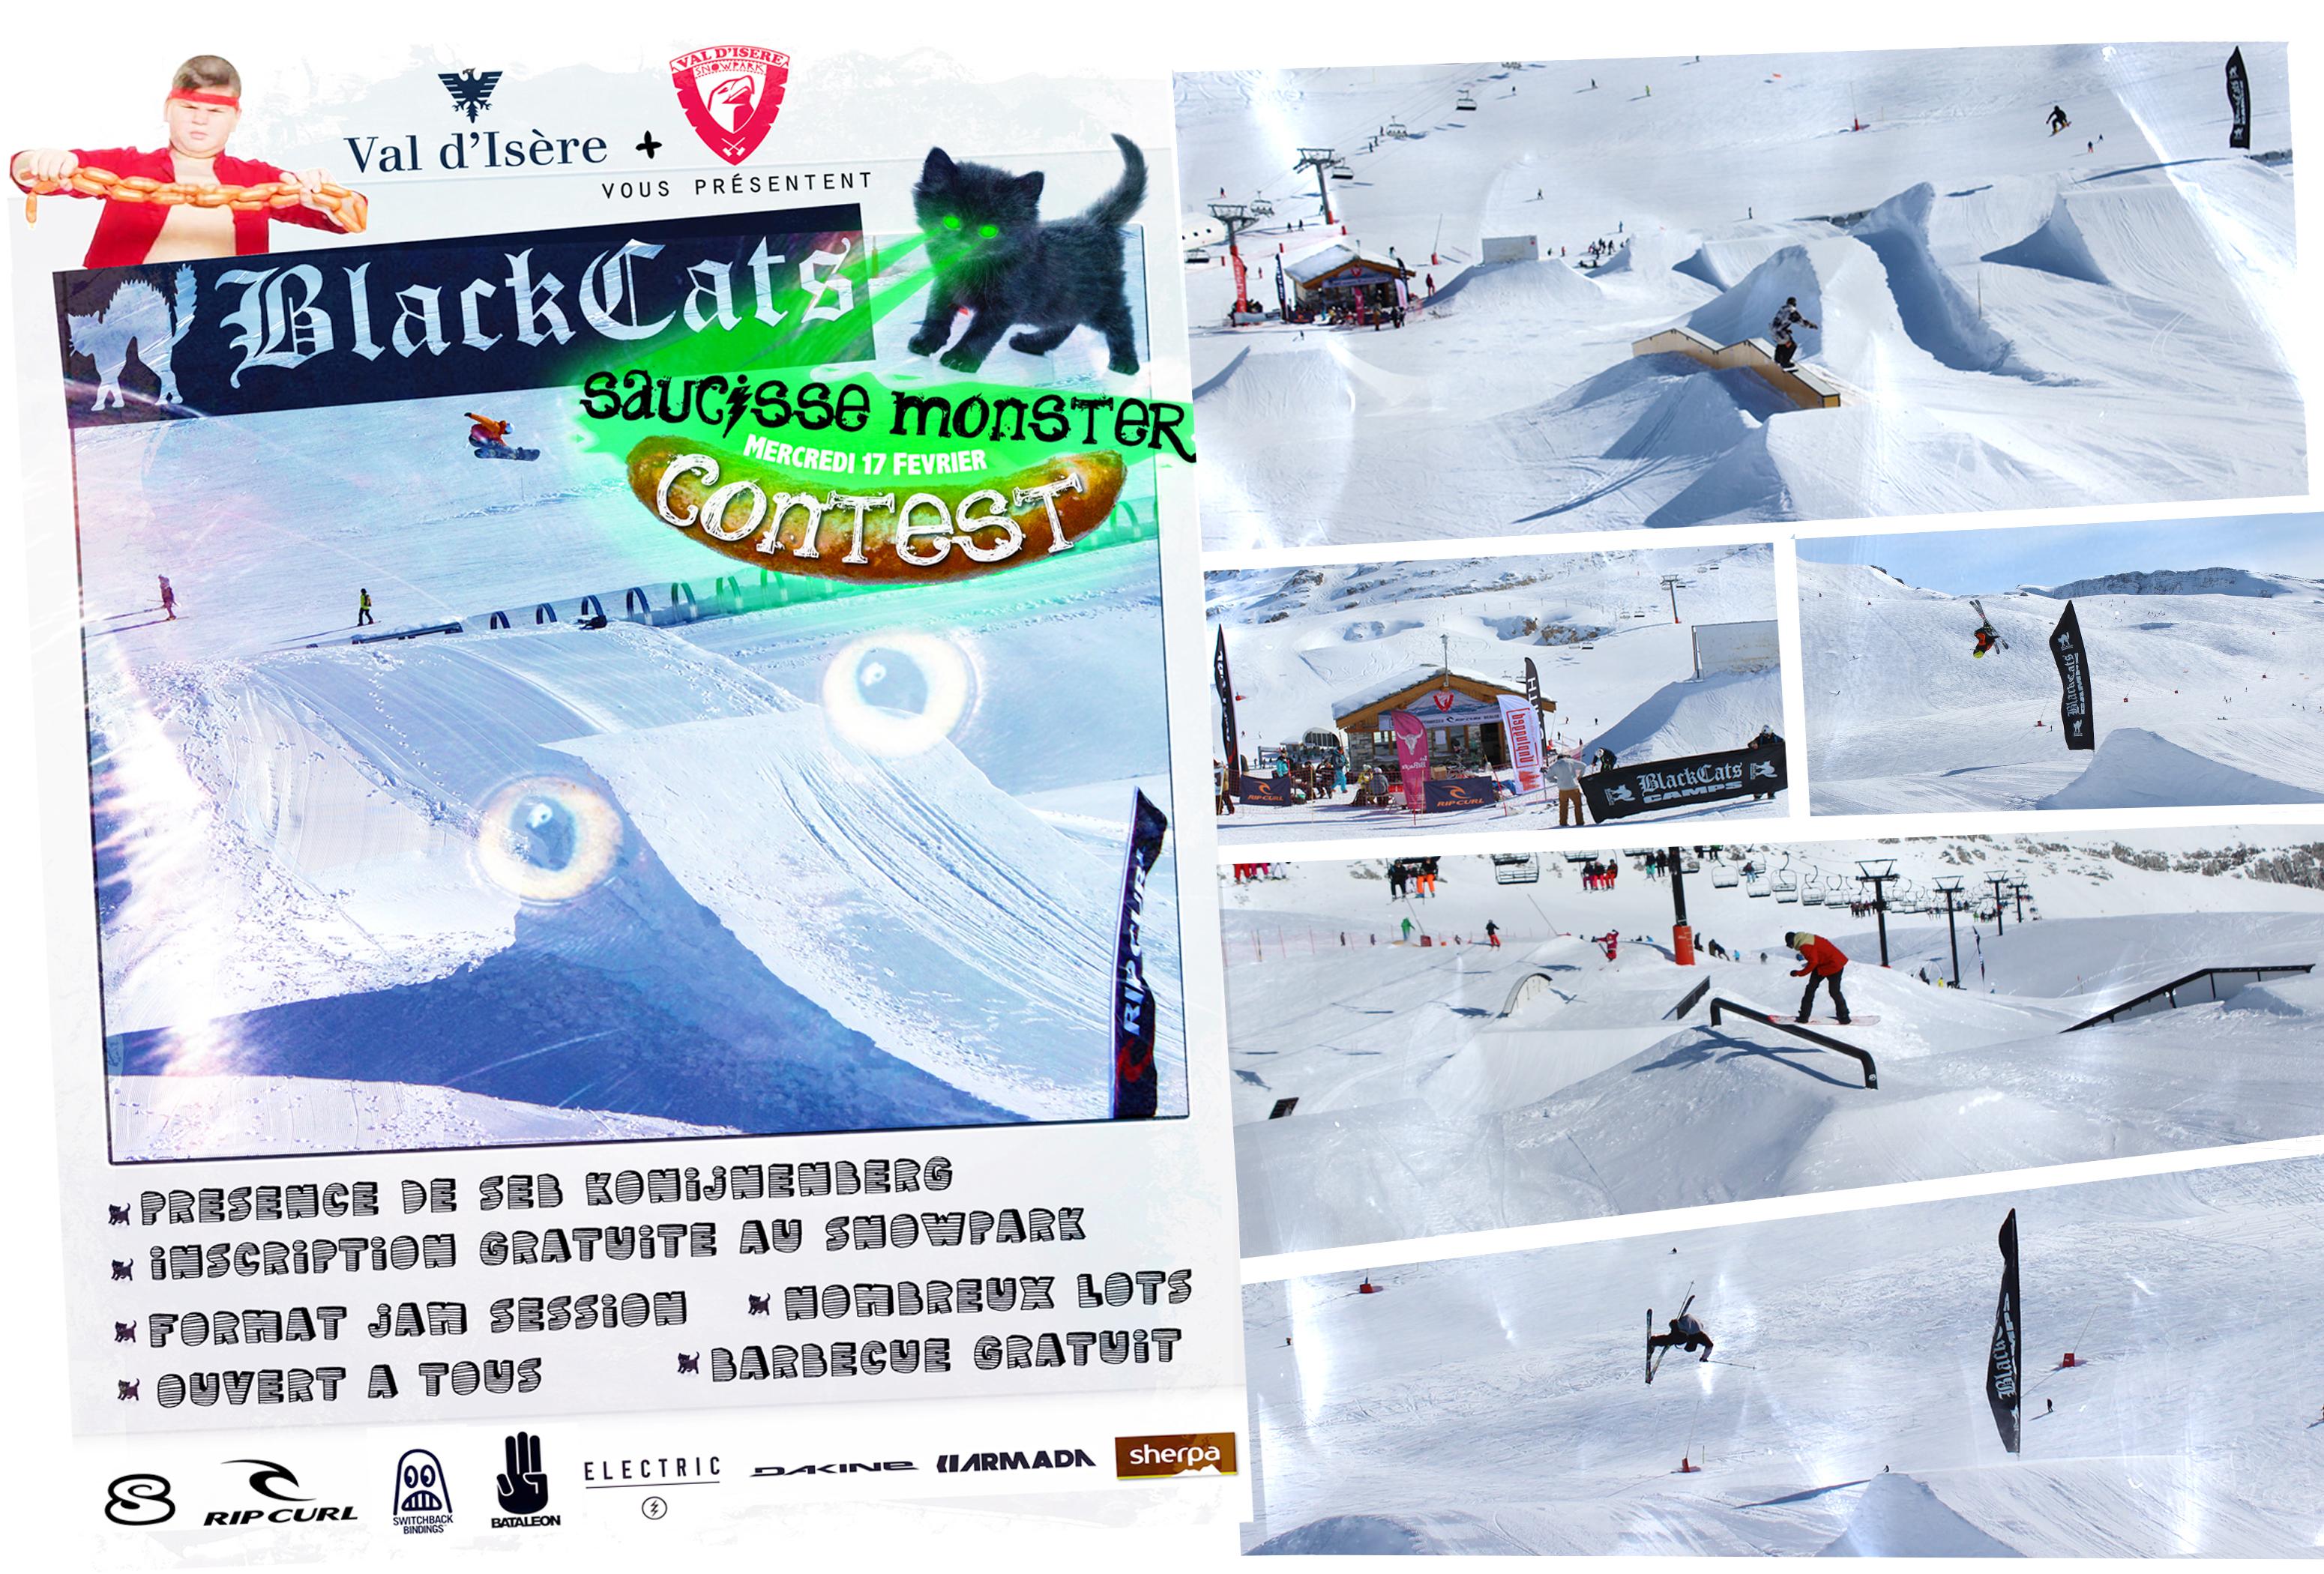 contest blackCats Val d'isère Snowpark